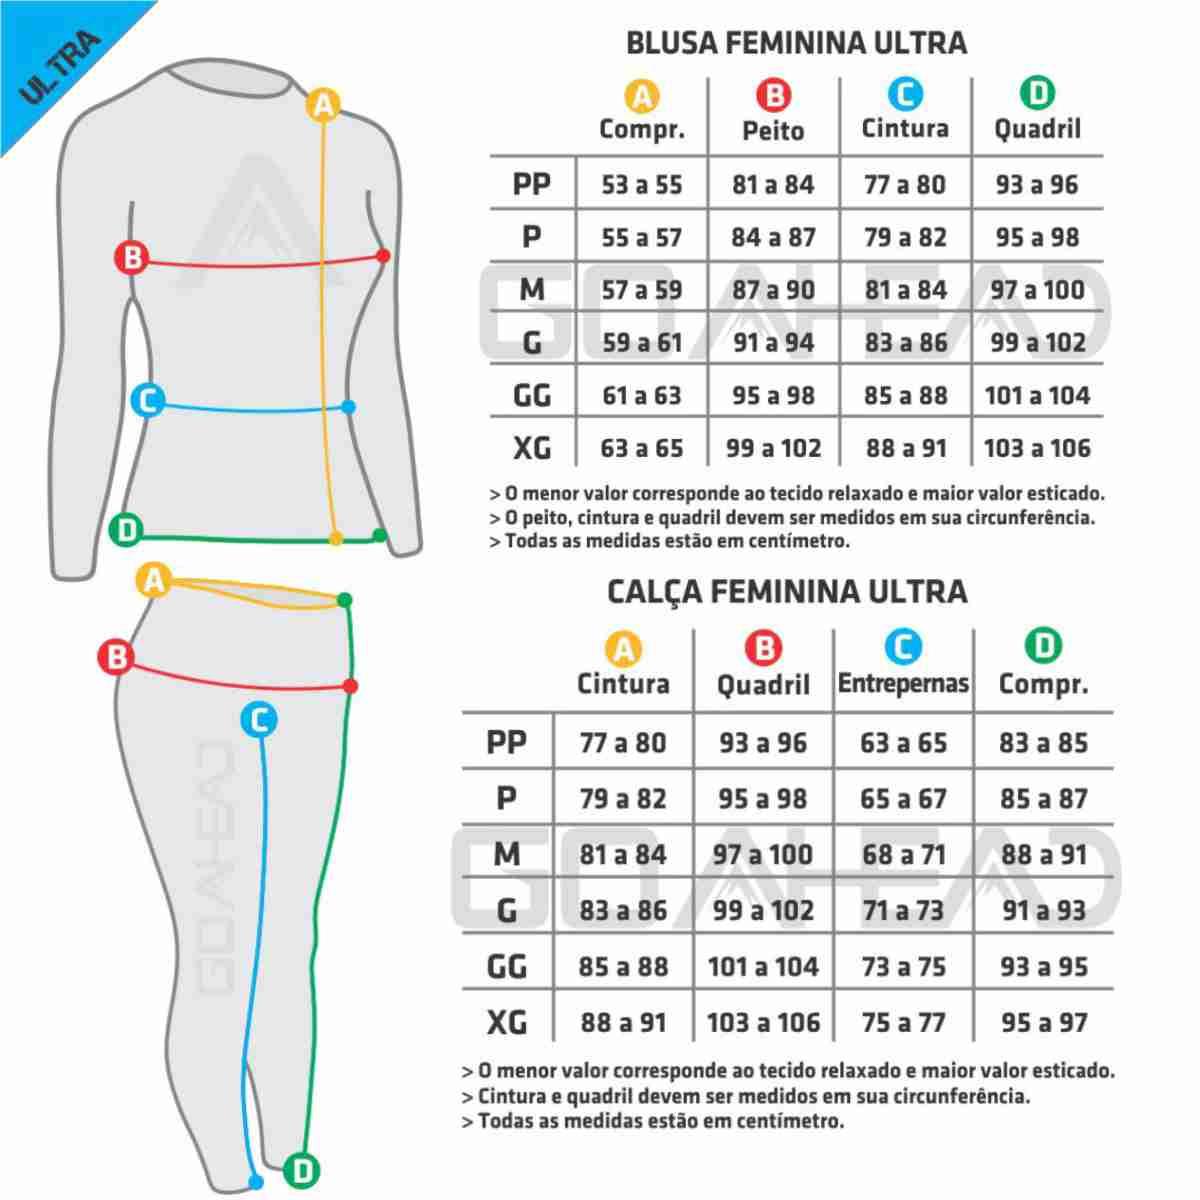 KIT BLUSA GO AHEAD FEMININA SEGUNDA PELE ZÍPER ULTRA + CALÇA ( FRIO - INVERNO )